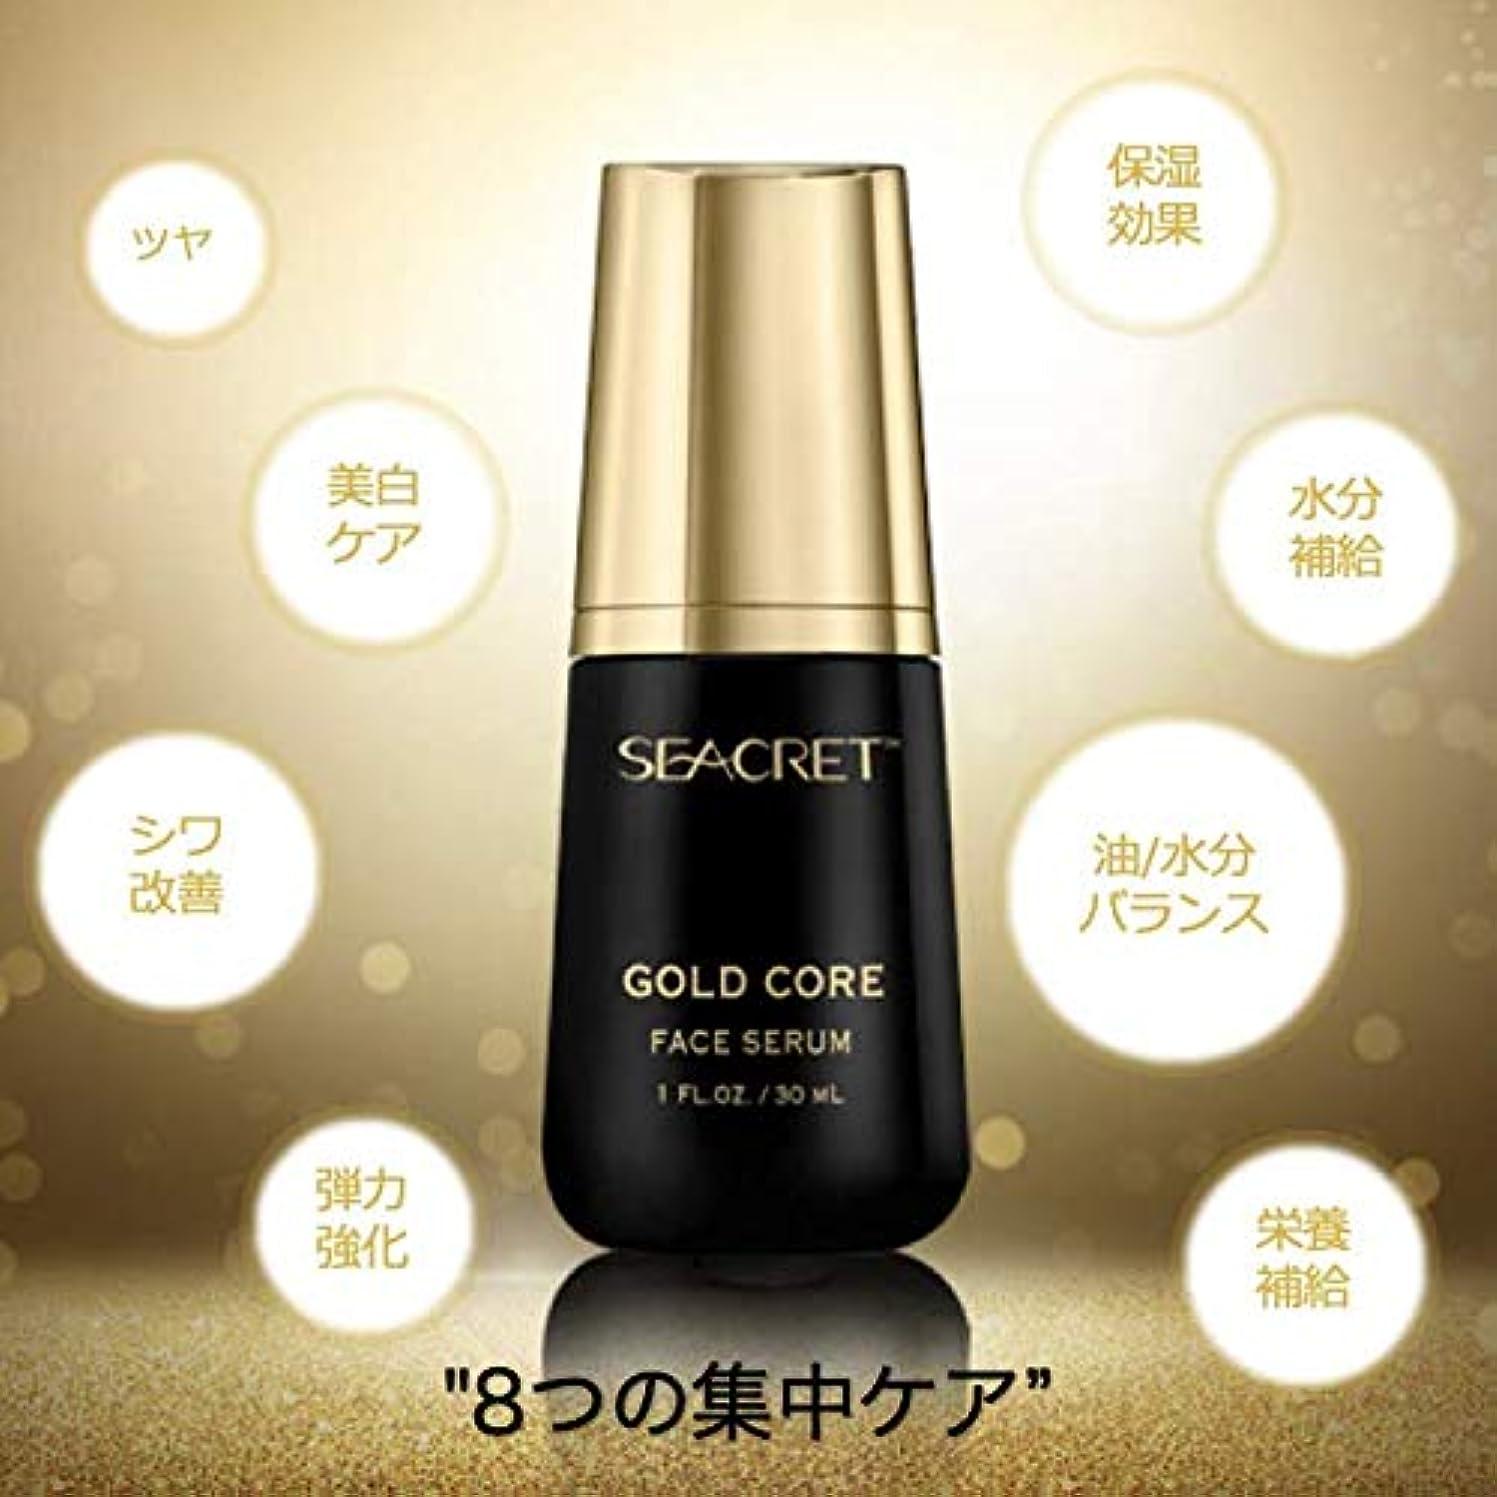 にぎやか皮肉コピーSEACRET(シークレット) 24K金 タイムレスフェイスセーラム GOLD CORE TIMELESS FACE SERUM 30ML